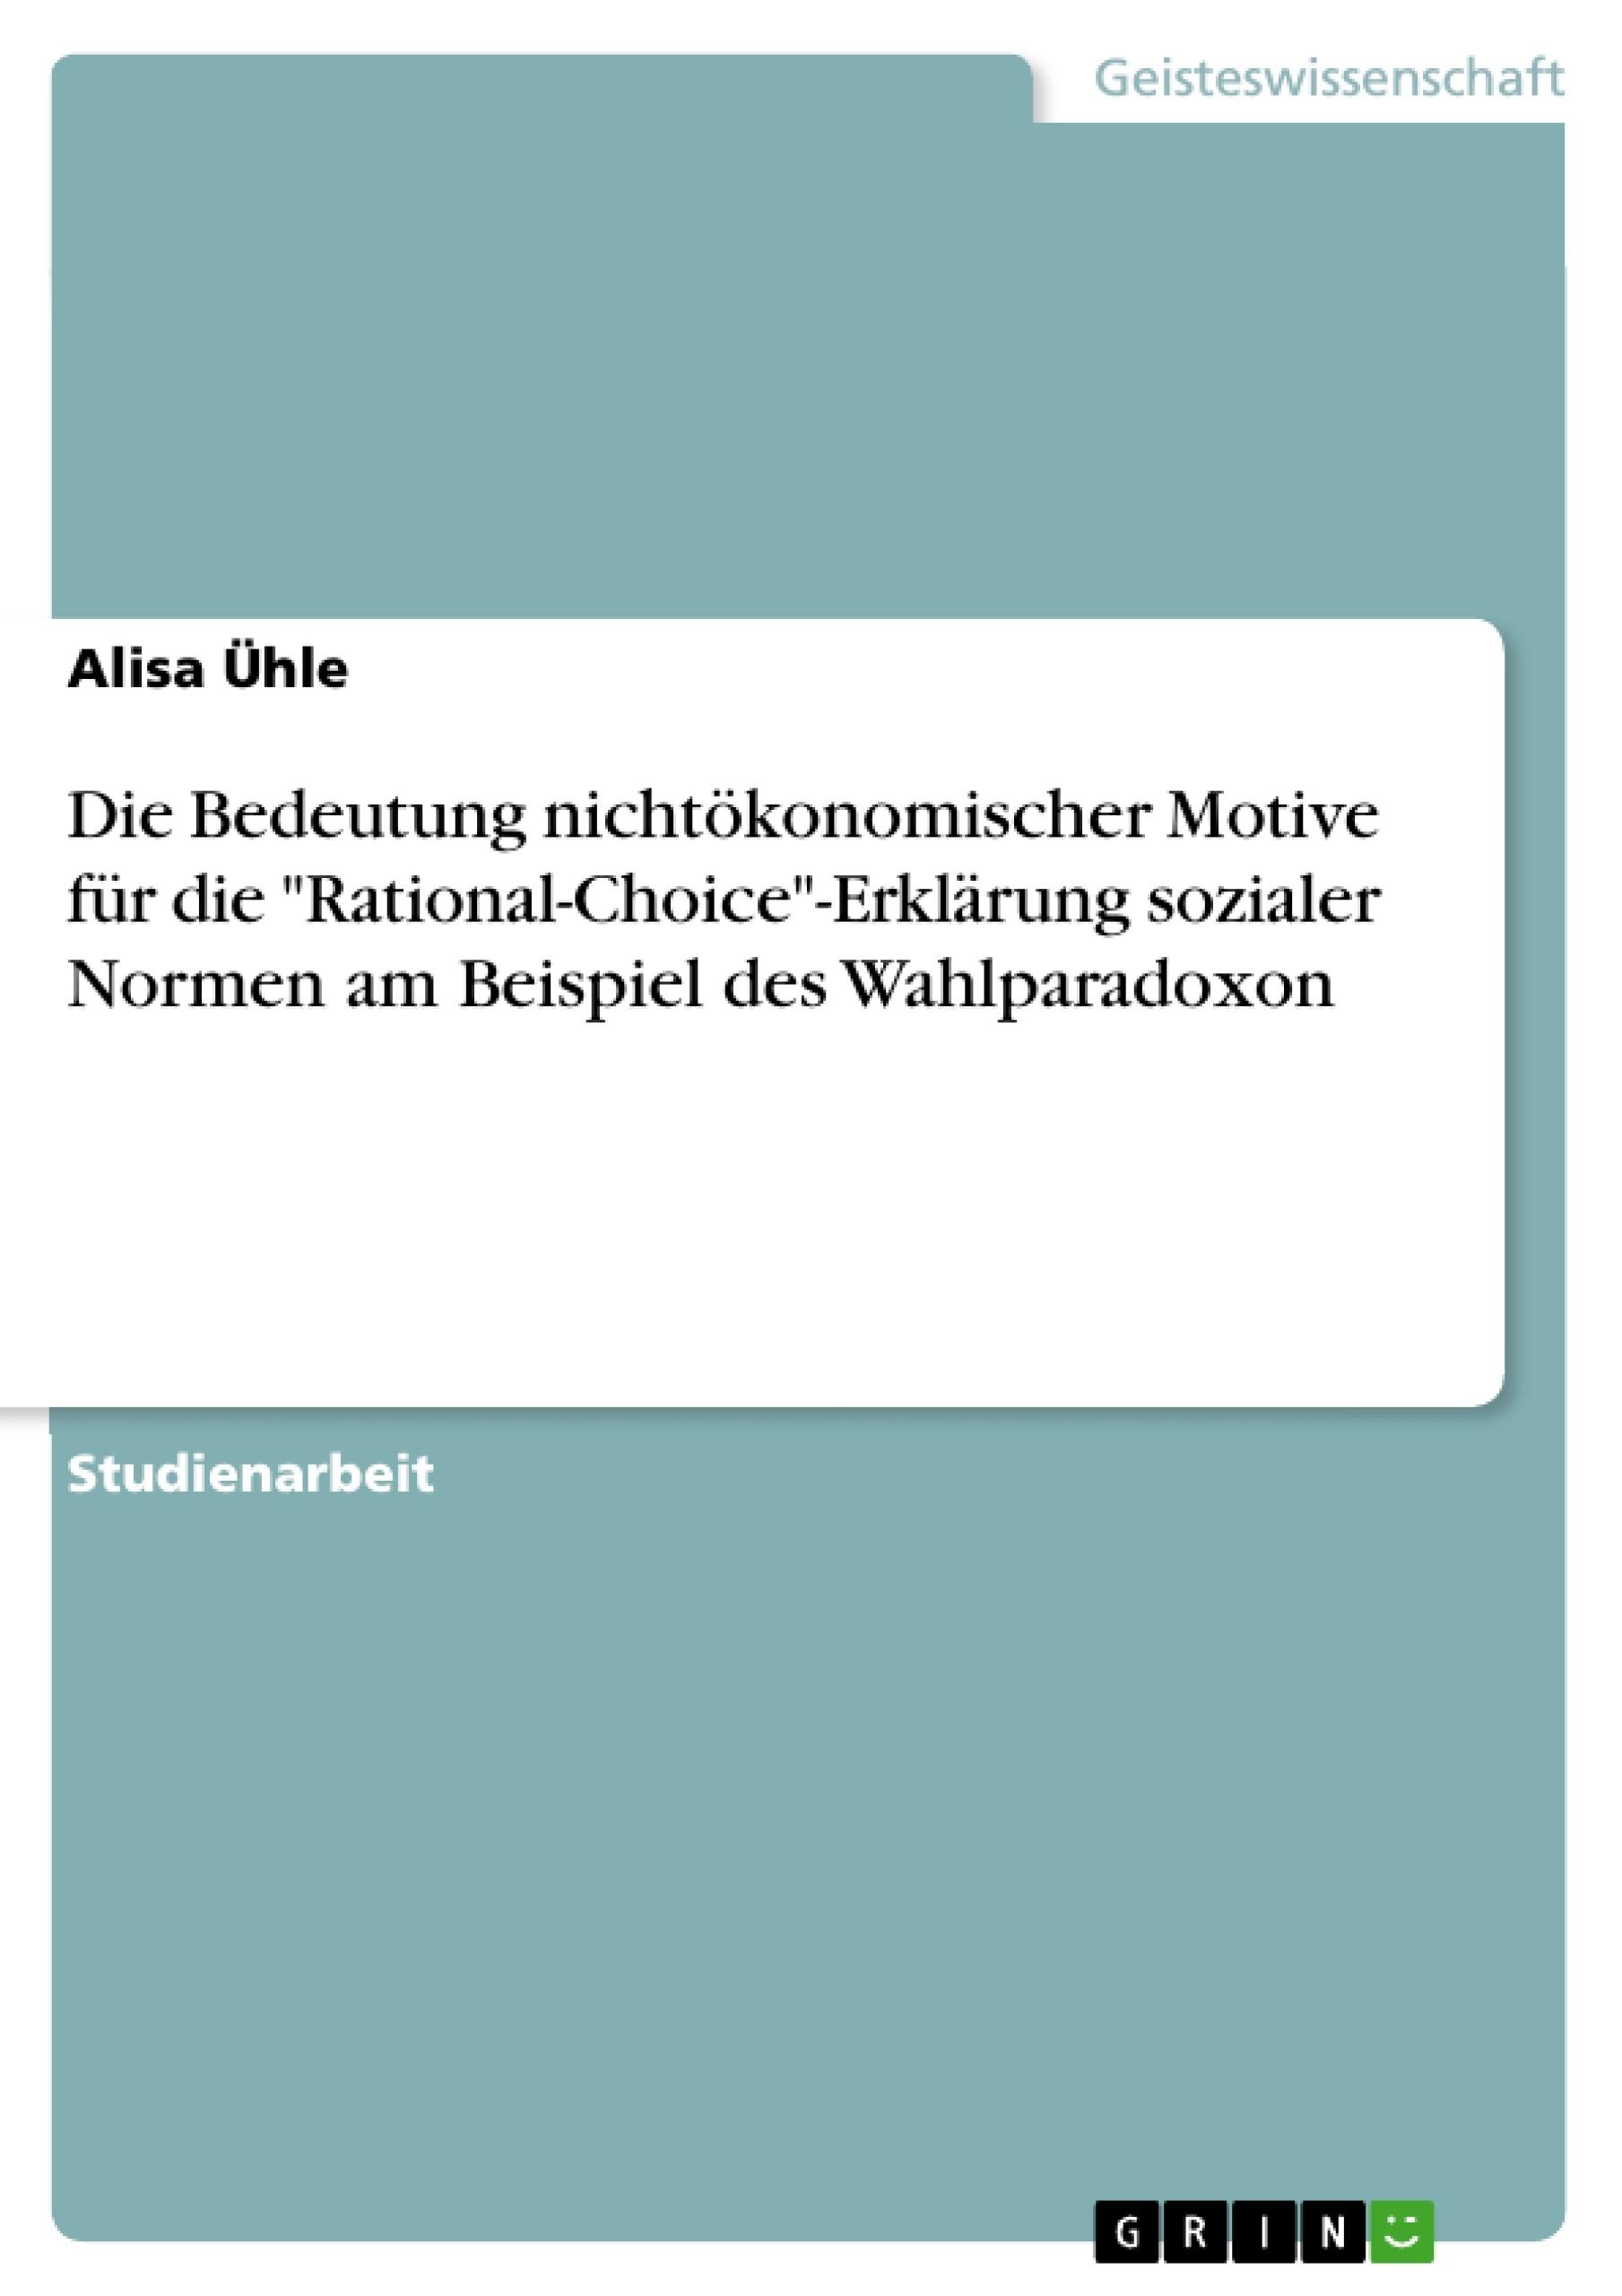 """Titel: Die Bedeutung nichtökonomischer Motive für die """"Rational-Choice""""-Erklärung sozialer Normen am Beispiel des Wahlparadoxon"""